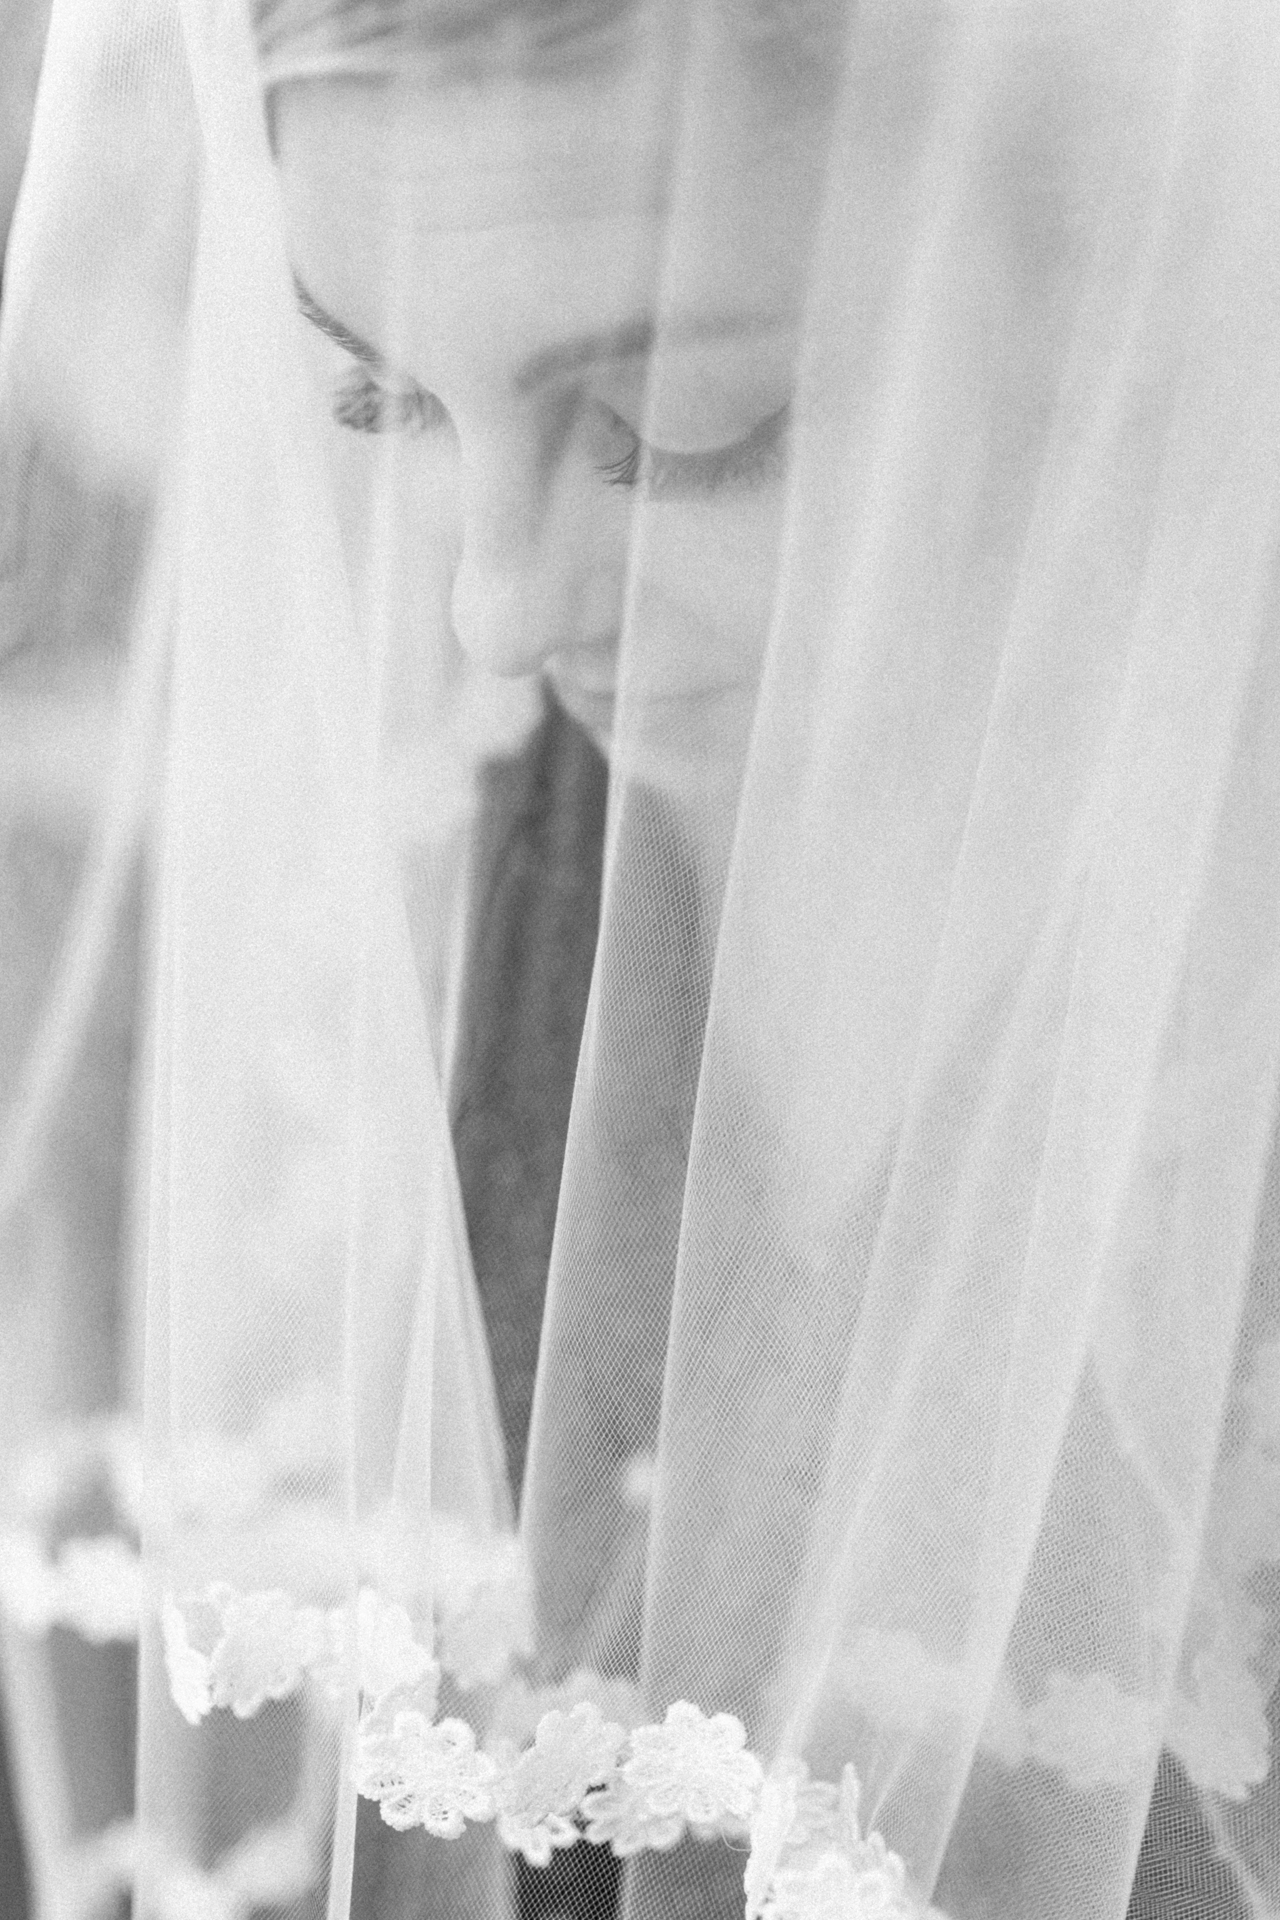 Hochzeit Eventscheune Dagobertshausen - Julia & Florian - Sandra Socha Fotografie - 12